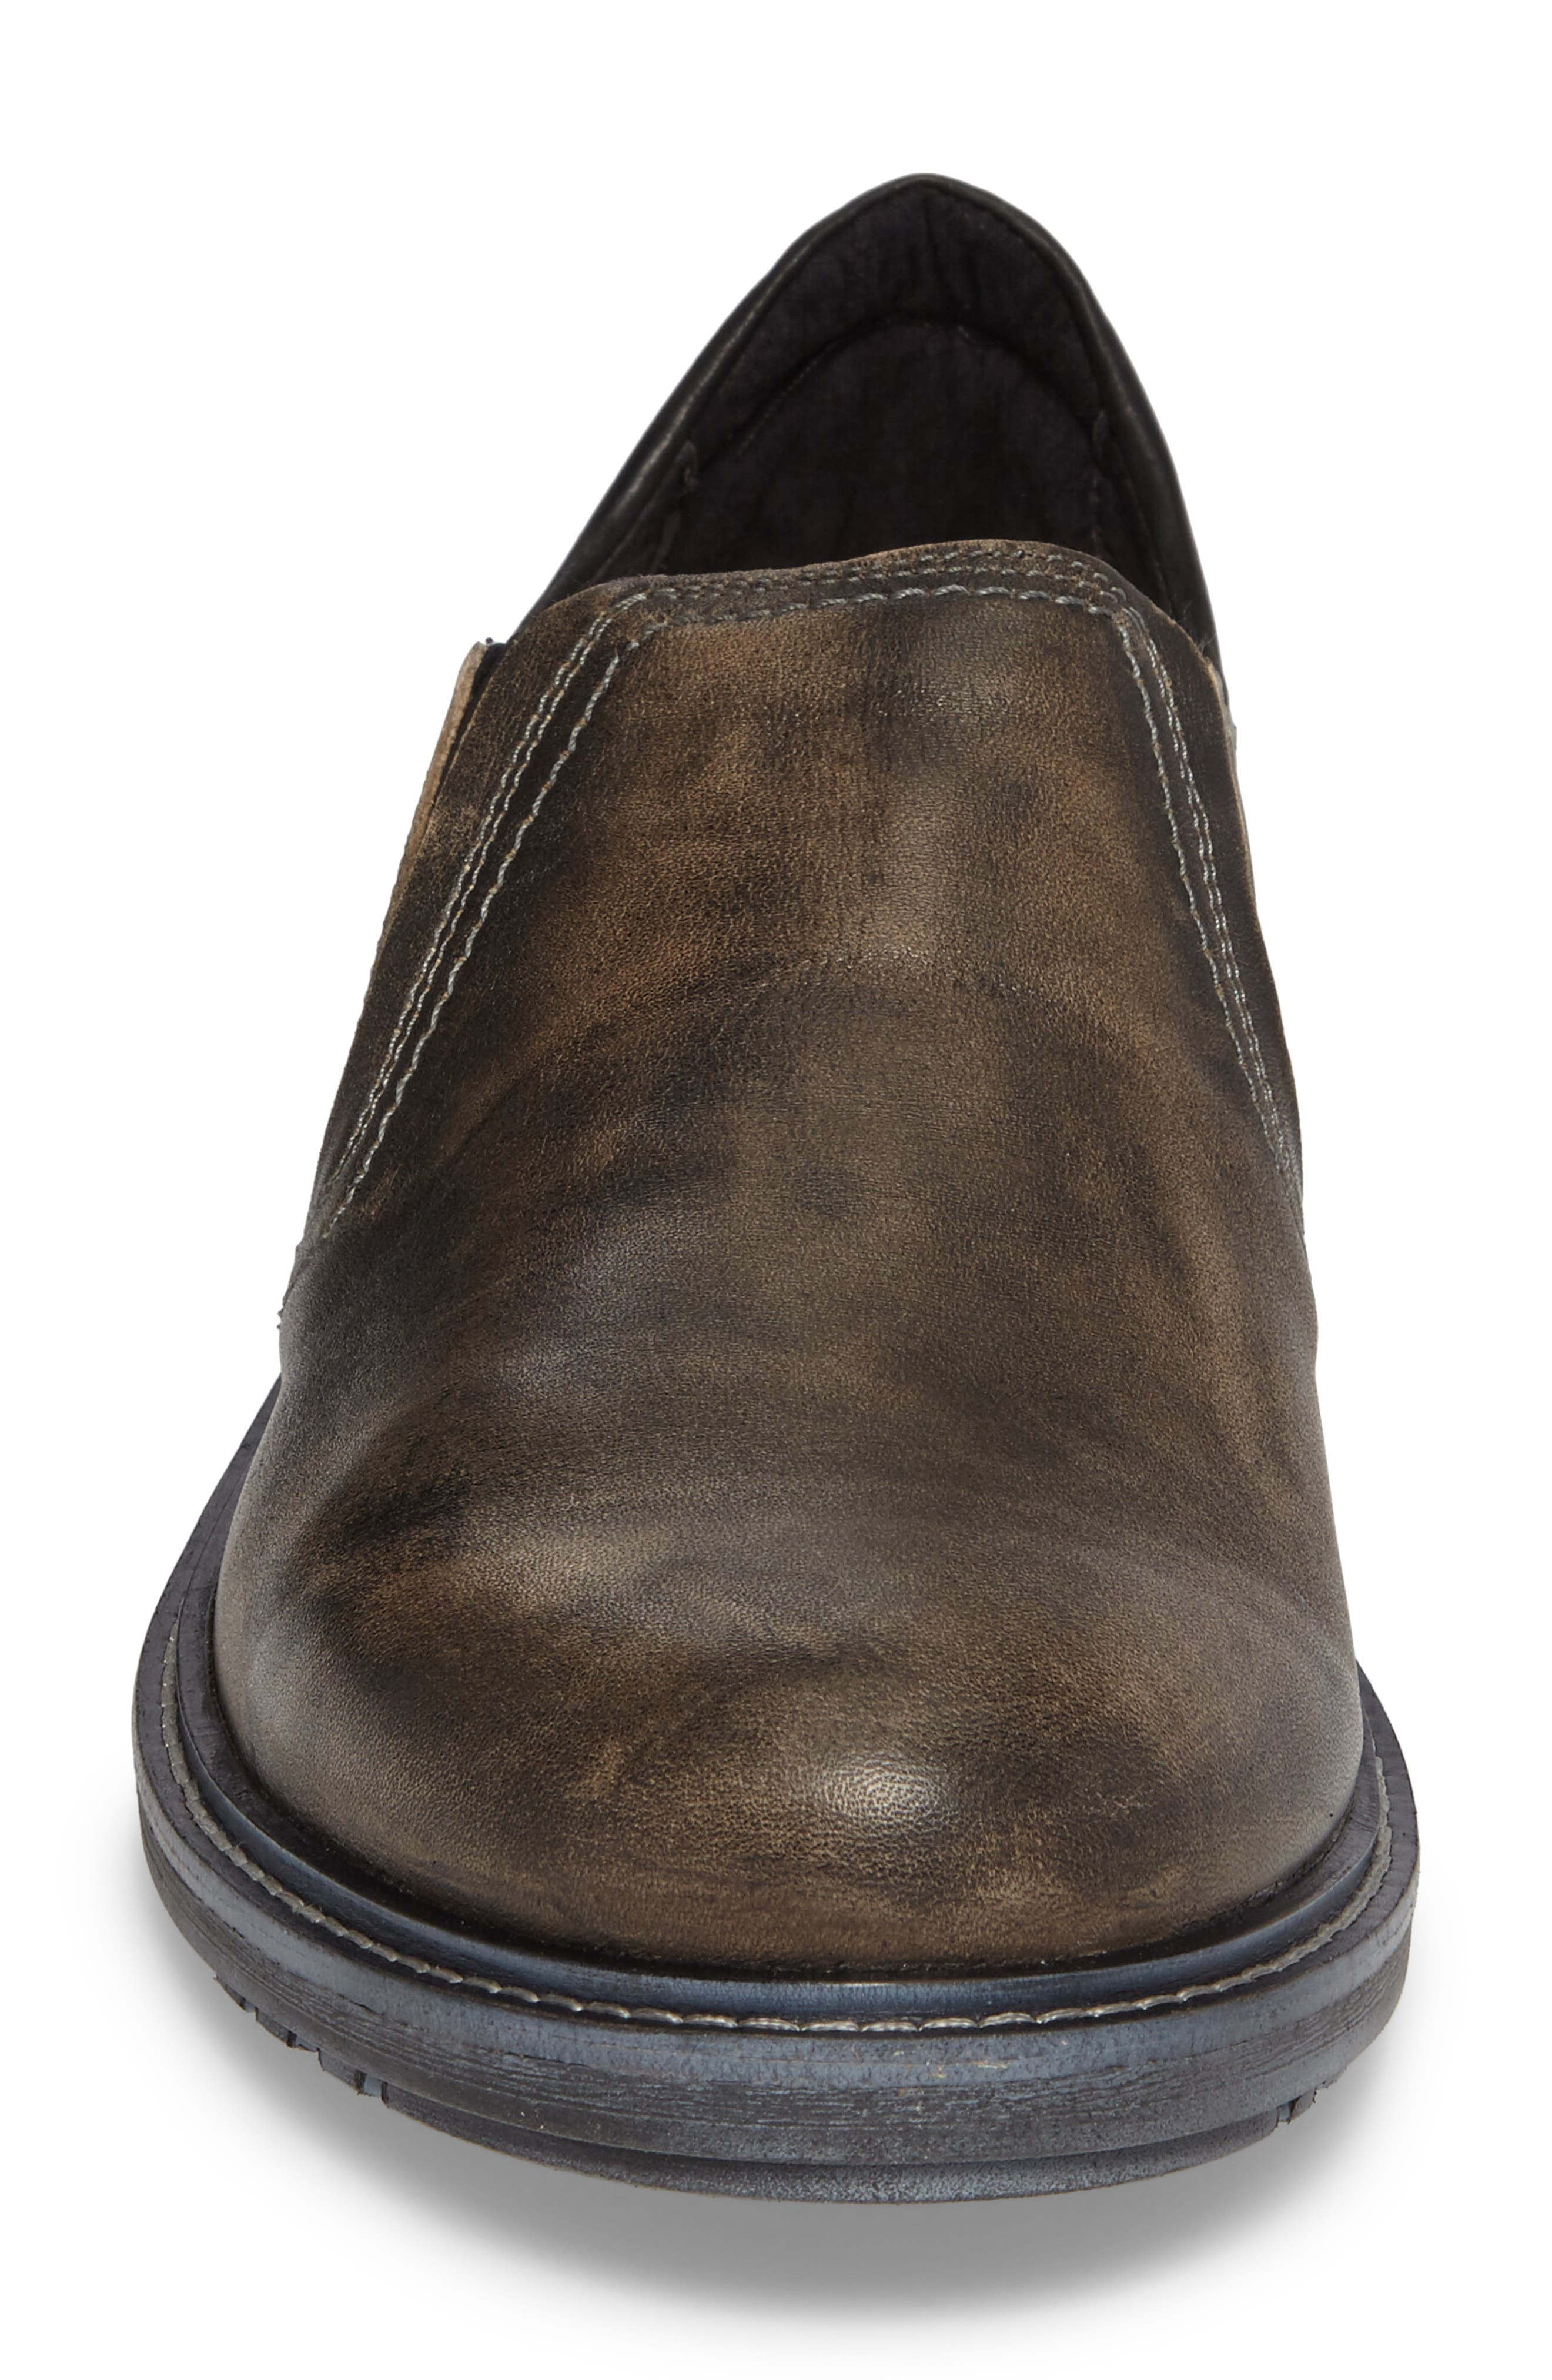 Manyara Slip-On Loafer,                             Alternate thumbnail 4, color,                             Vintage Grey Leather